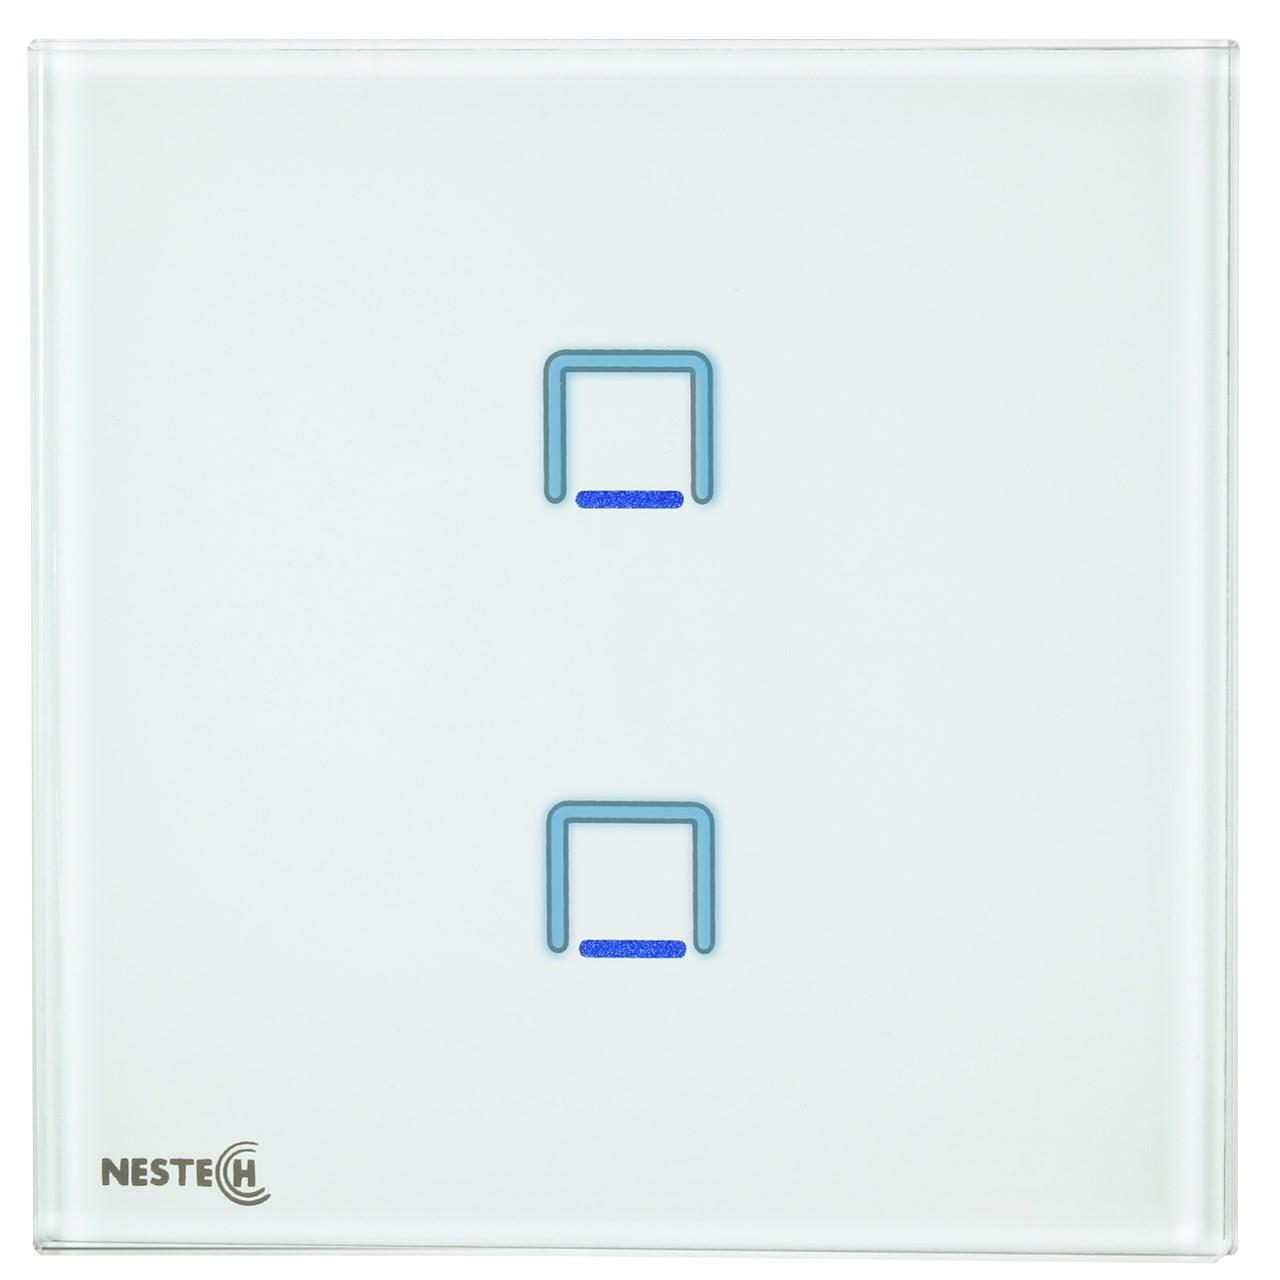 کلید لمسی هوشمند نستک مدل NE4-LS01W-G2